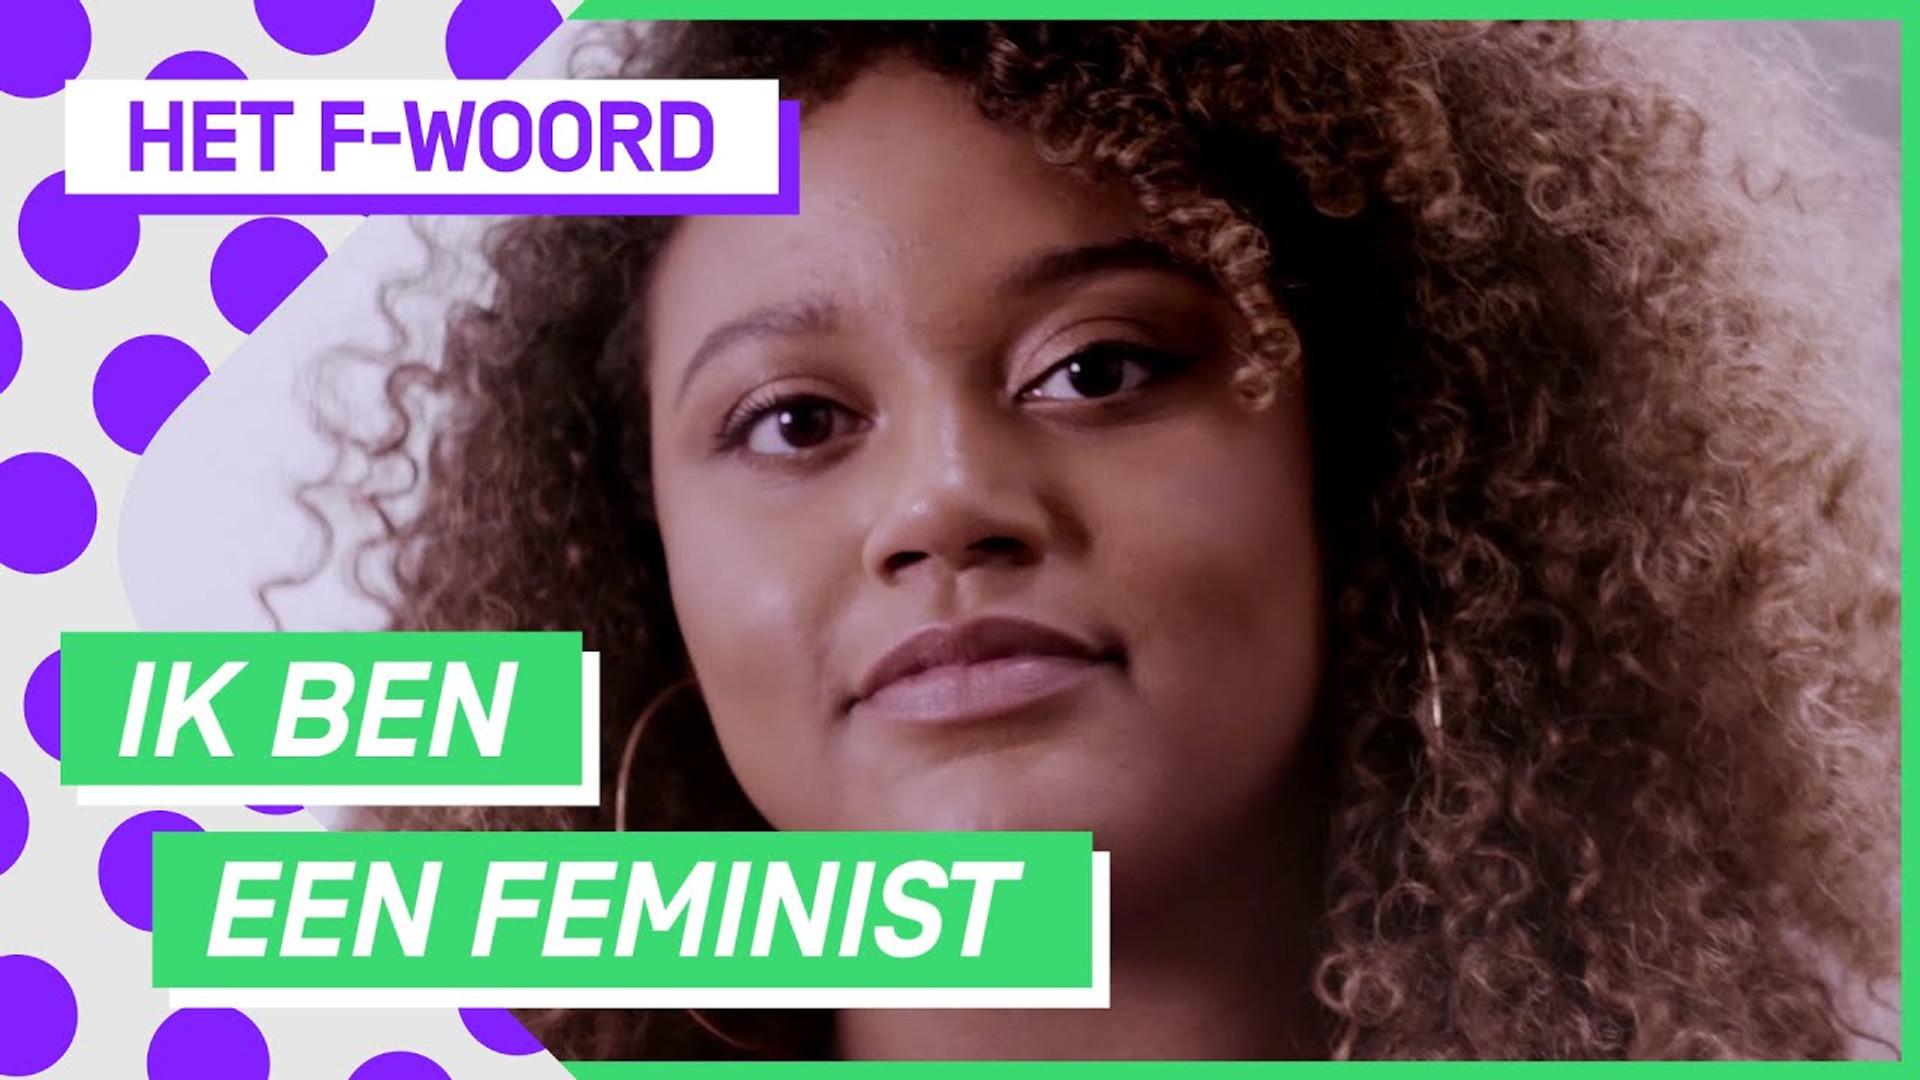 Het F-woord